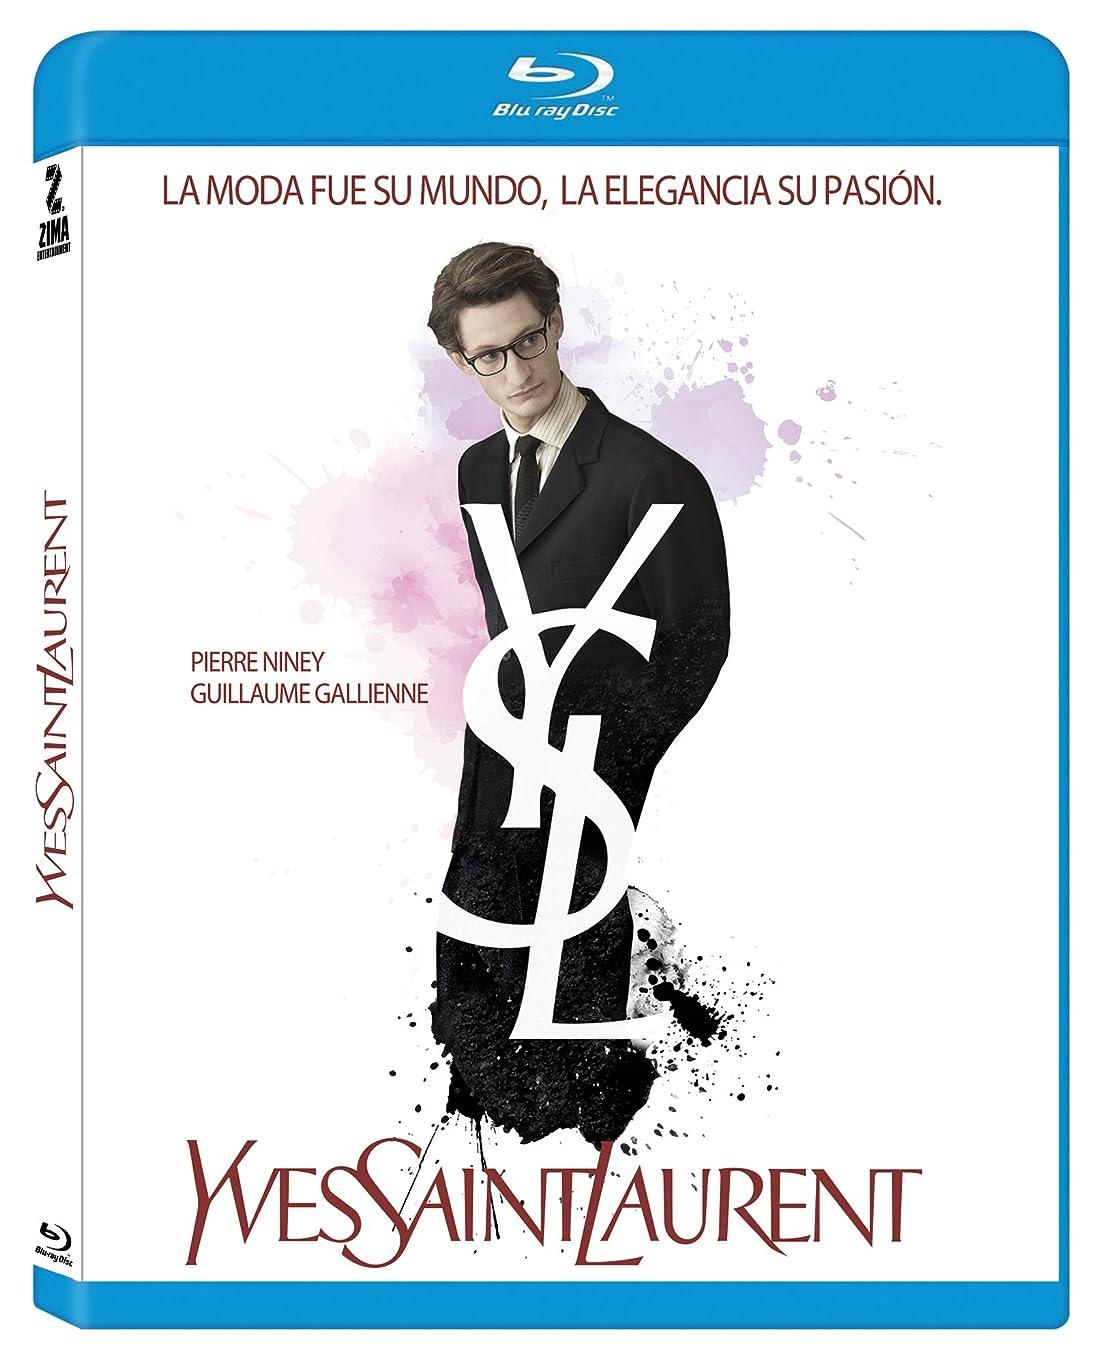 最大絶望的な薄汚いYves Saint Laurent Movie Blu Ray (Multiregion) (French Audio with Spanish Subtitles / No English Options)